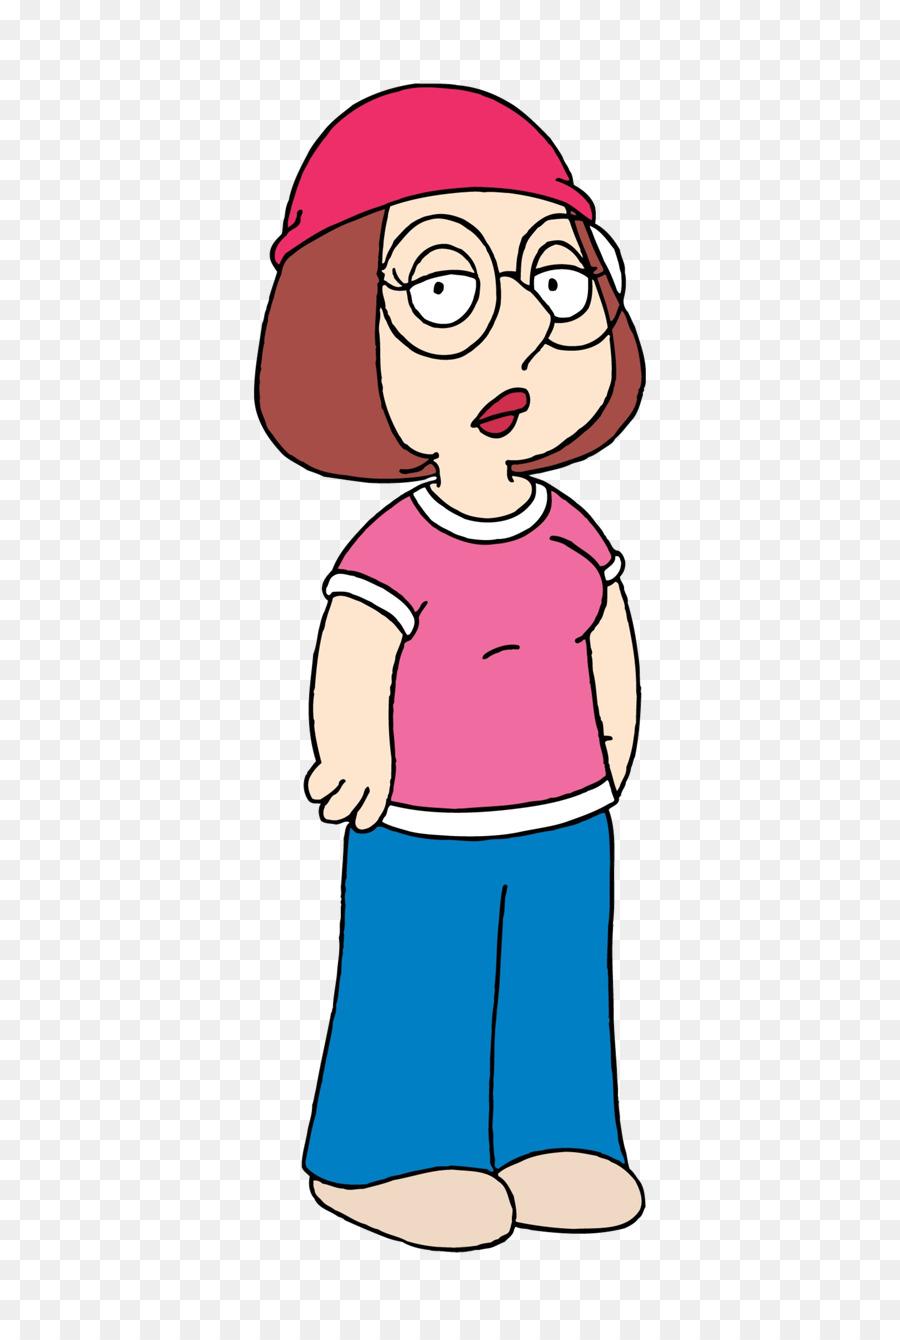 900x1340 Meg Griffin Lois Griffin Peter Griffin Chris Griffin Stewie